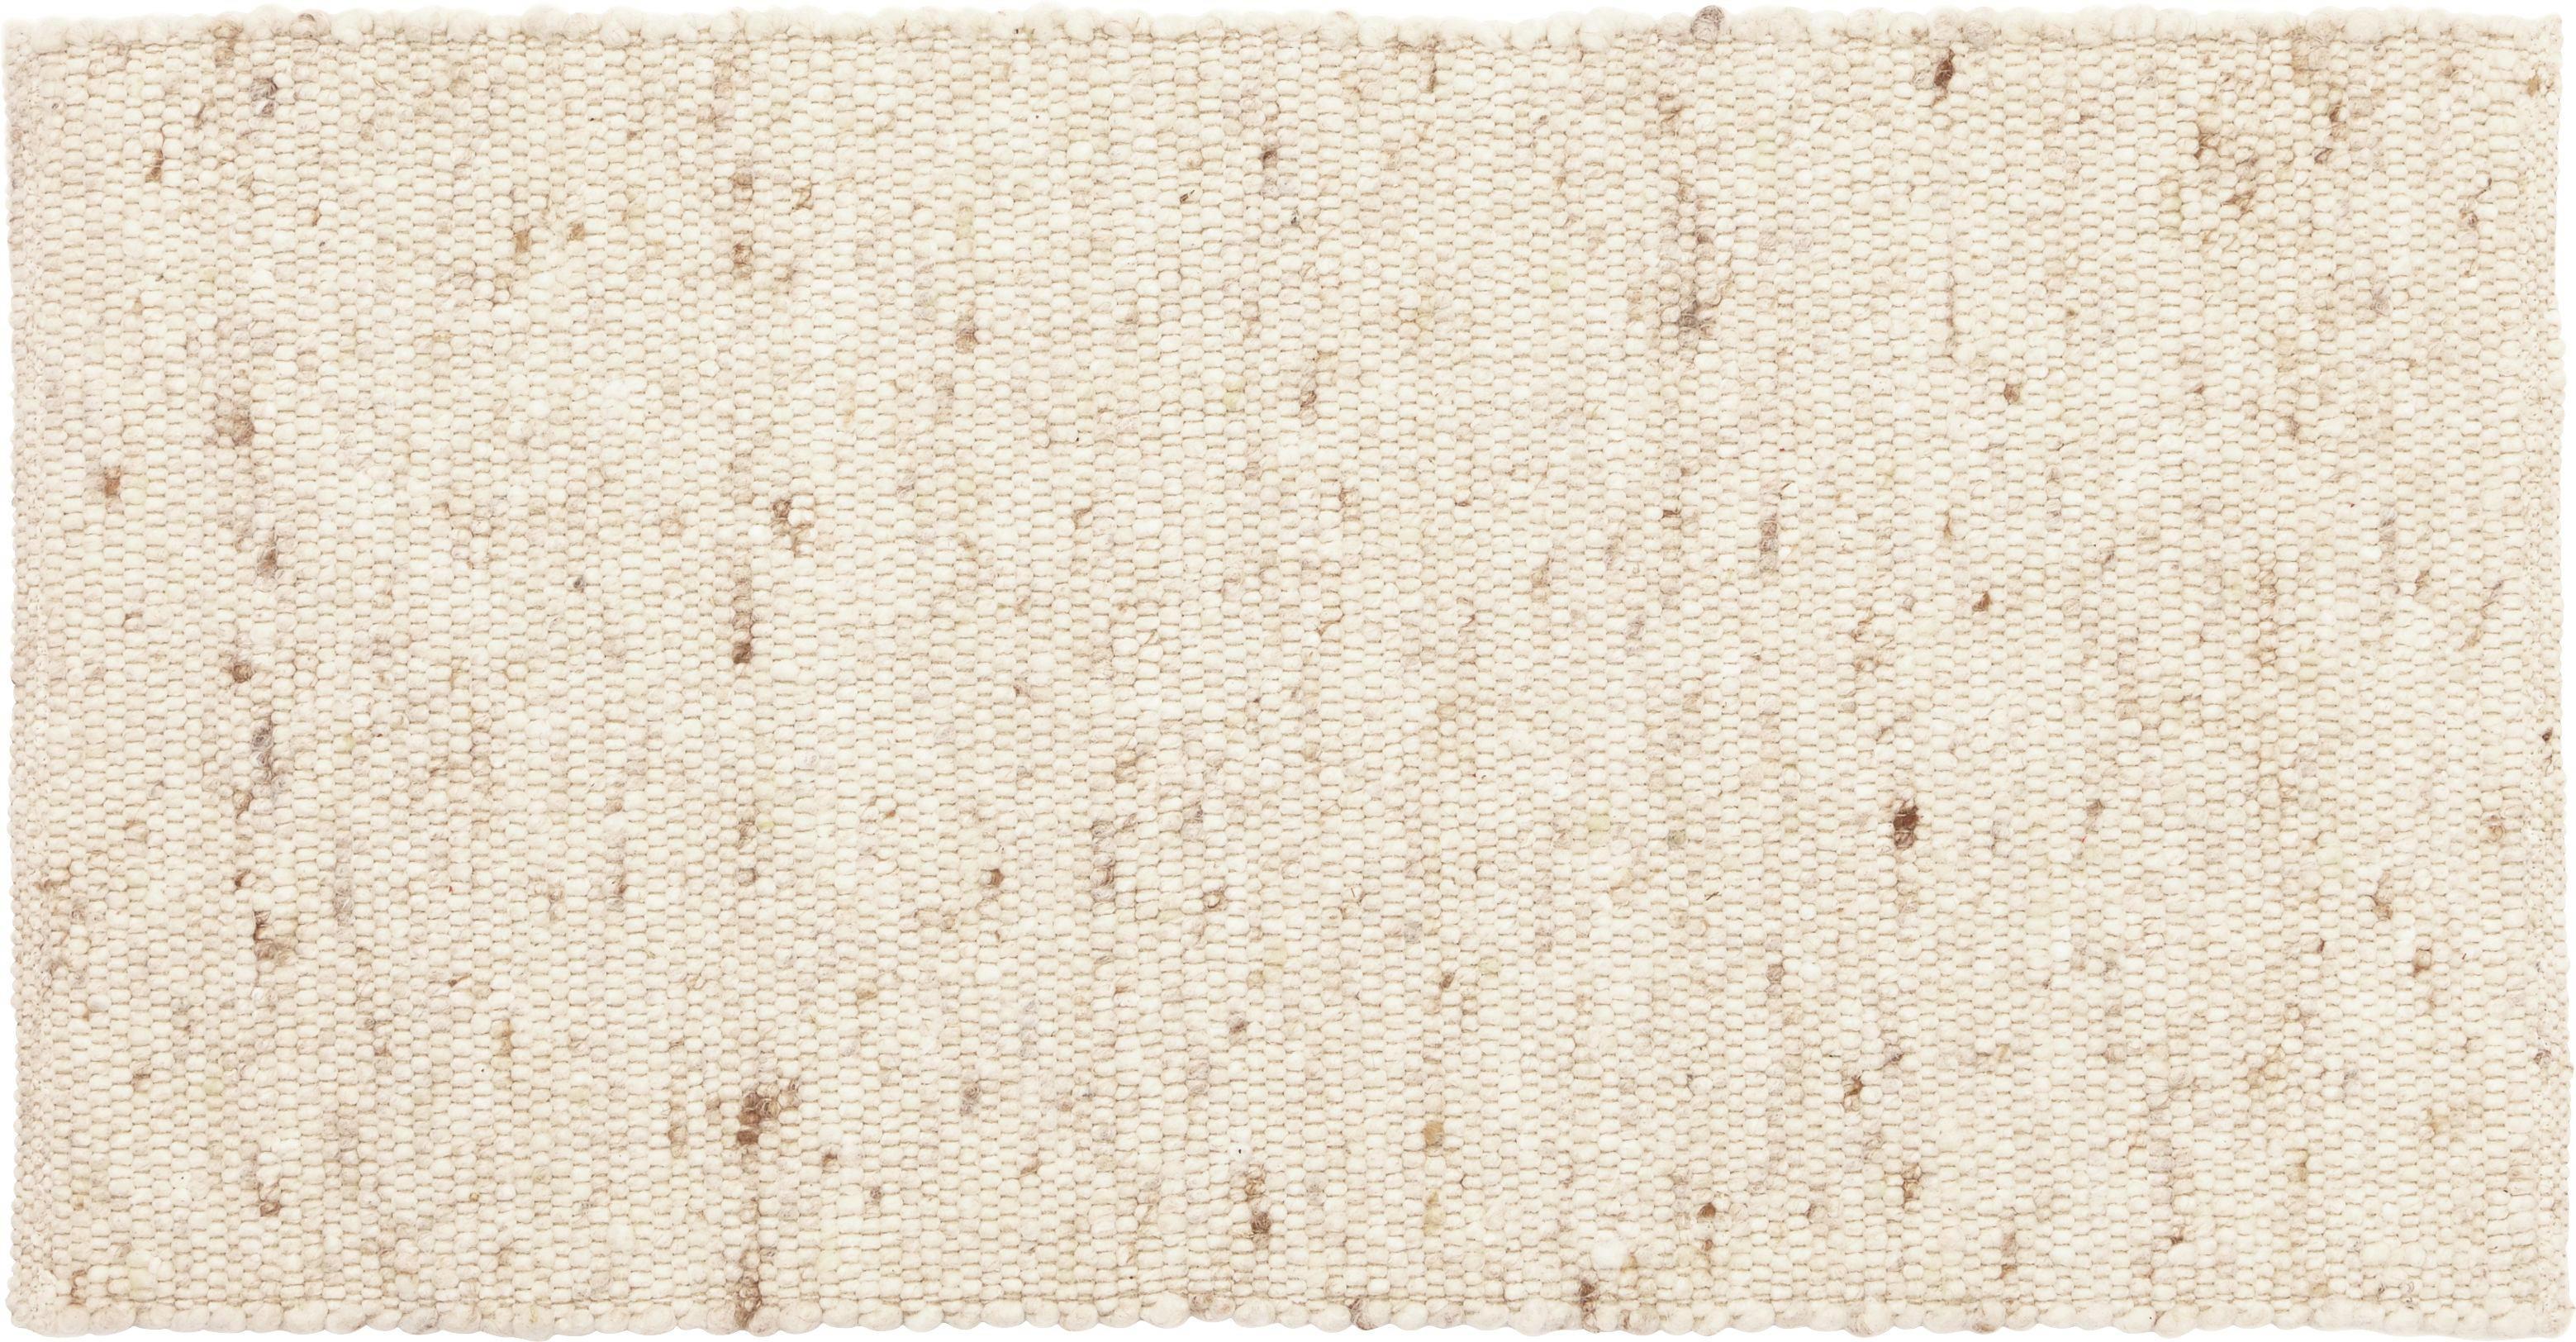 HANDWEBTEPPICH 170/240 cm - LIFESTYLE (170/240cm) - LINEA NATURA